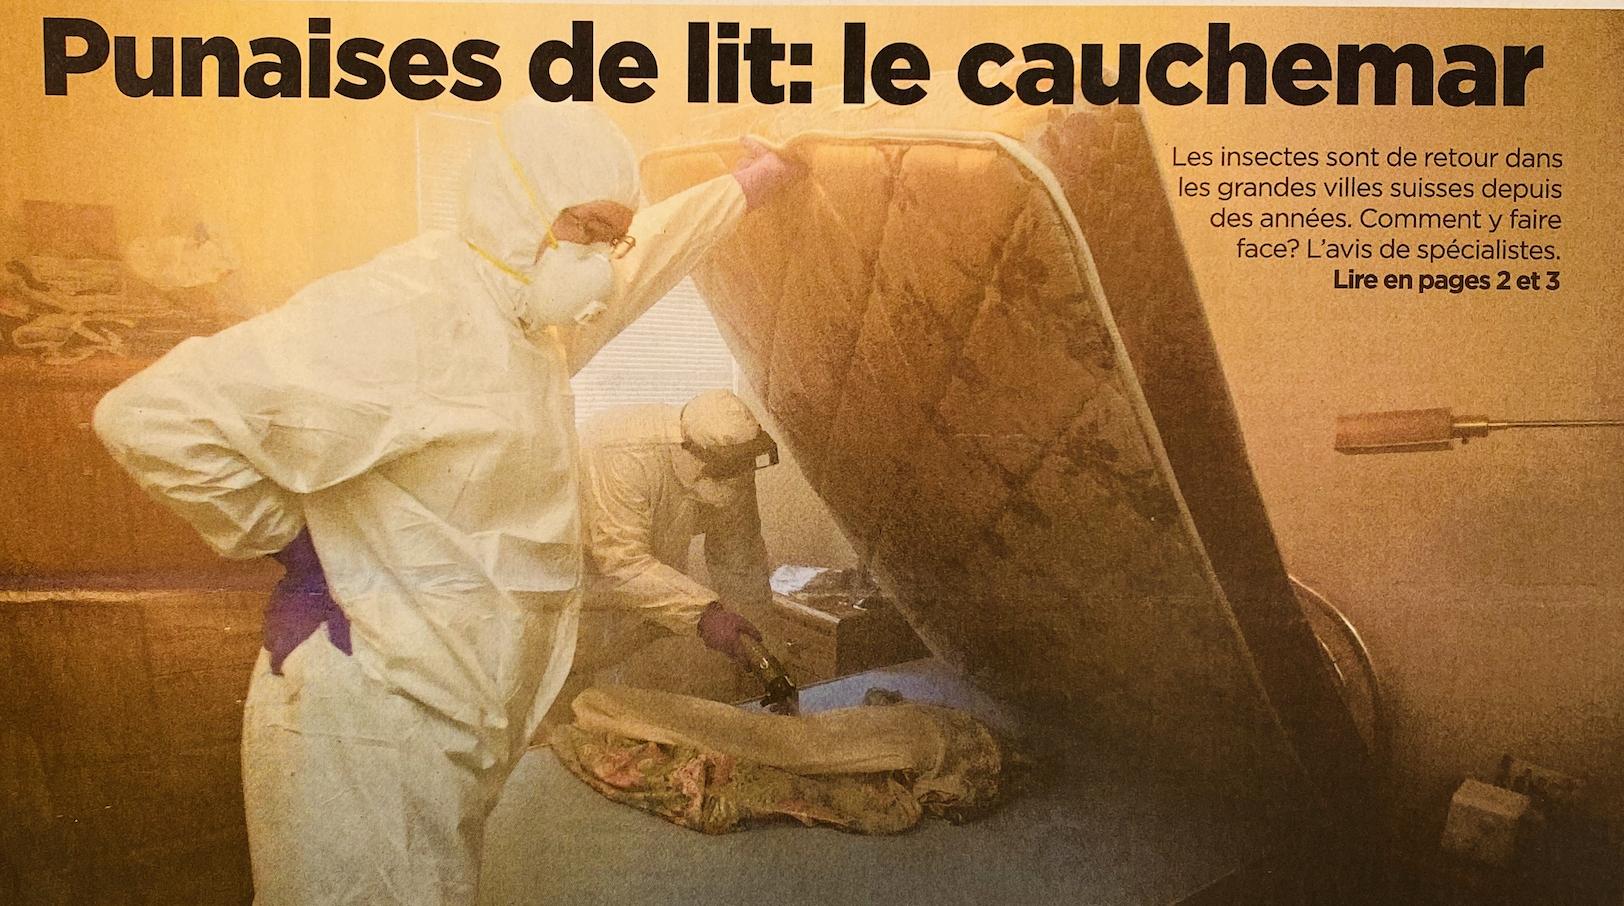 Punaises de lit : le cauchemar. Une enquête de la Tribune de Genève